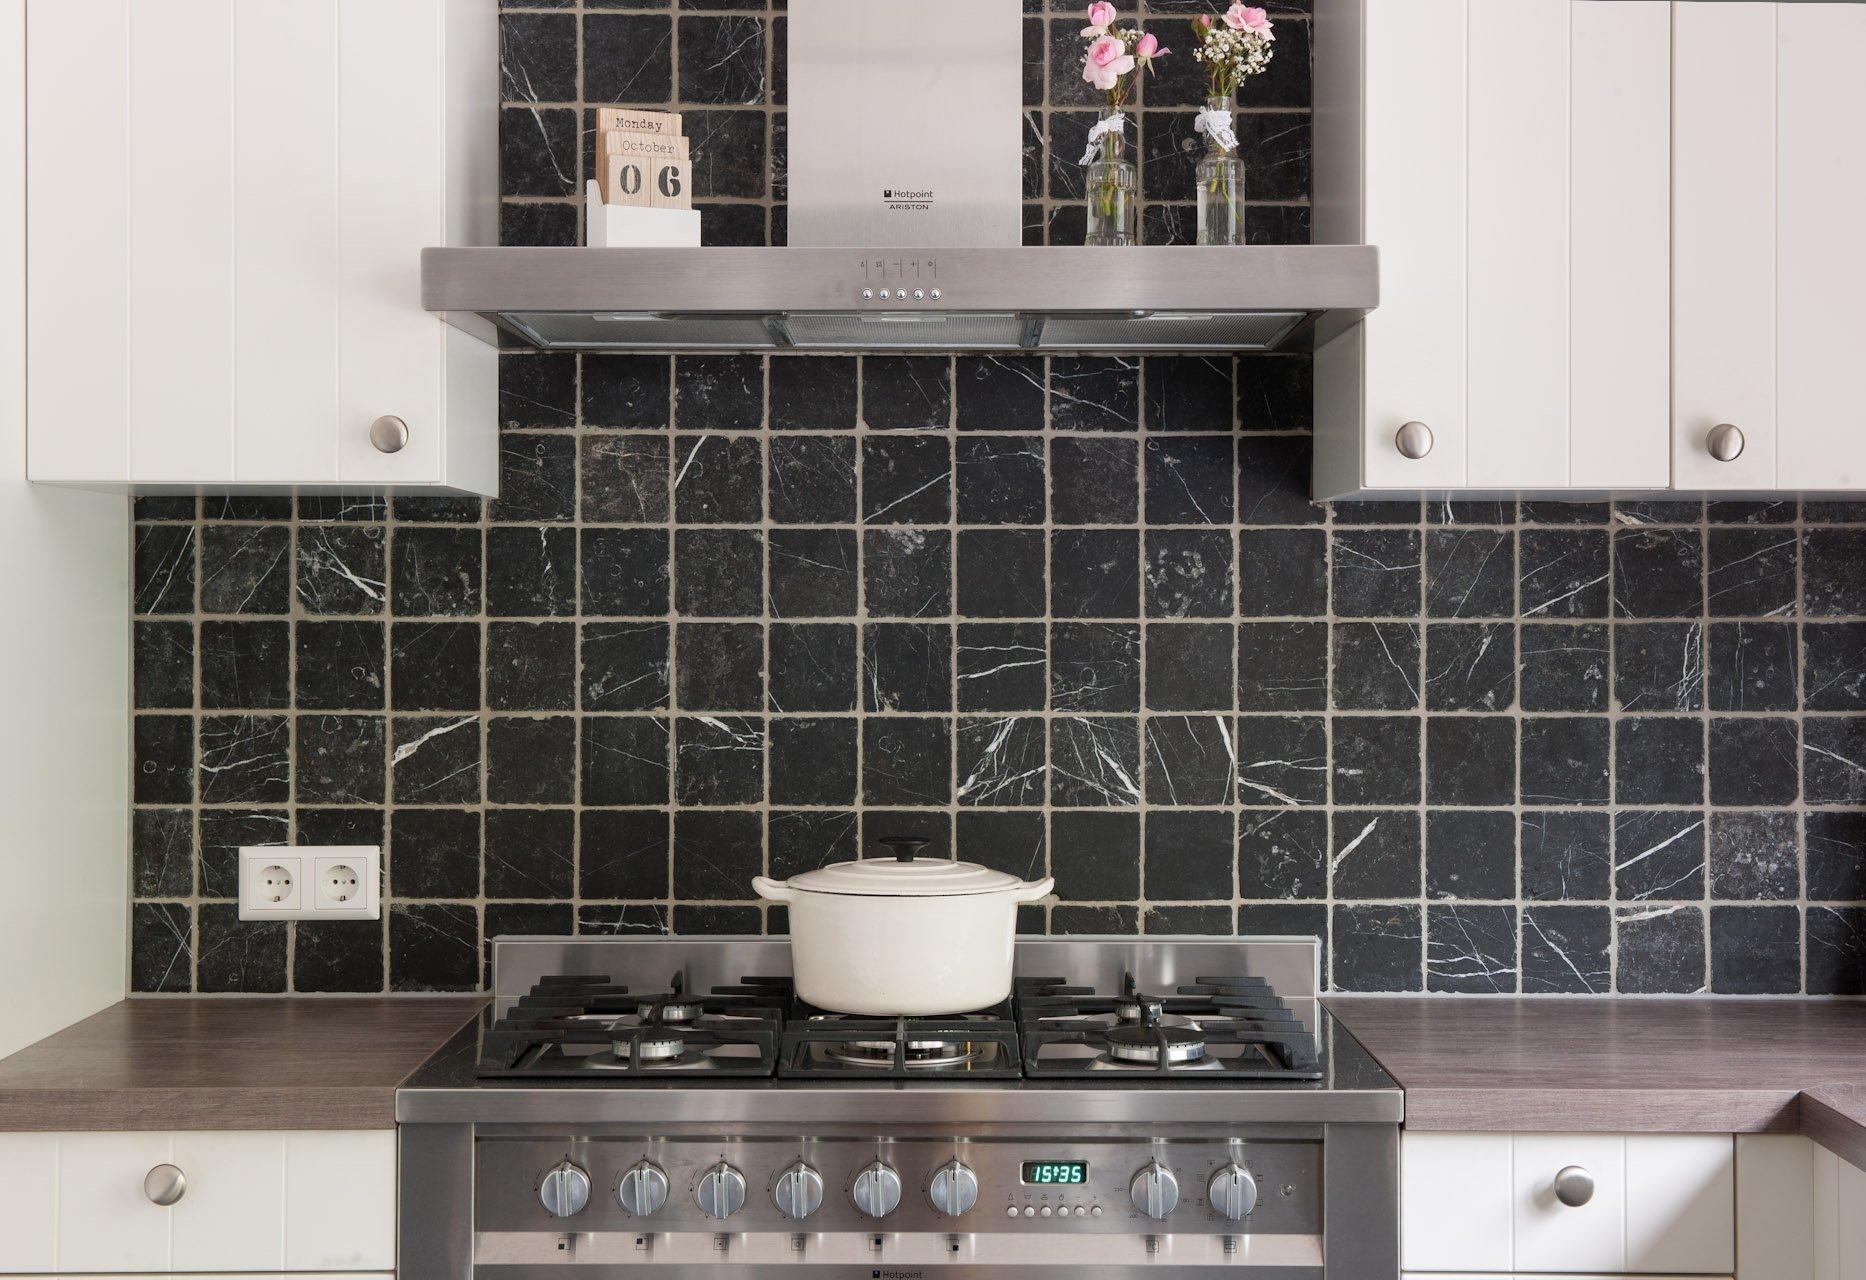 Wandtegels Keuken Natuursteen : Keukentegels: wandtegels voor in de keuken KROON